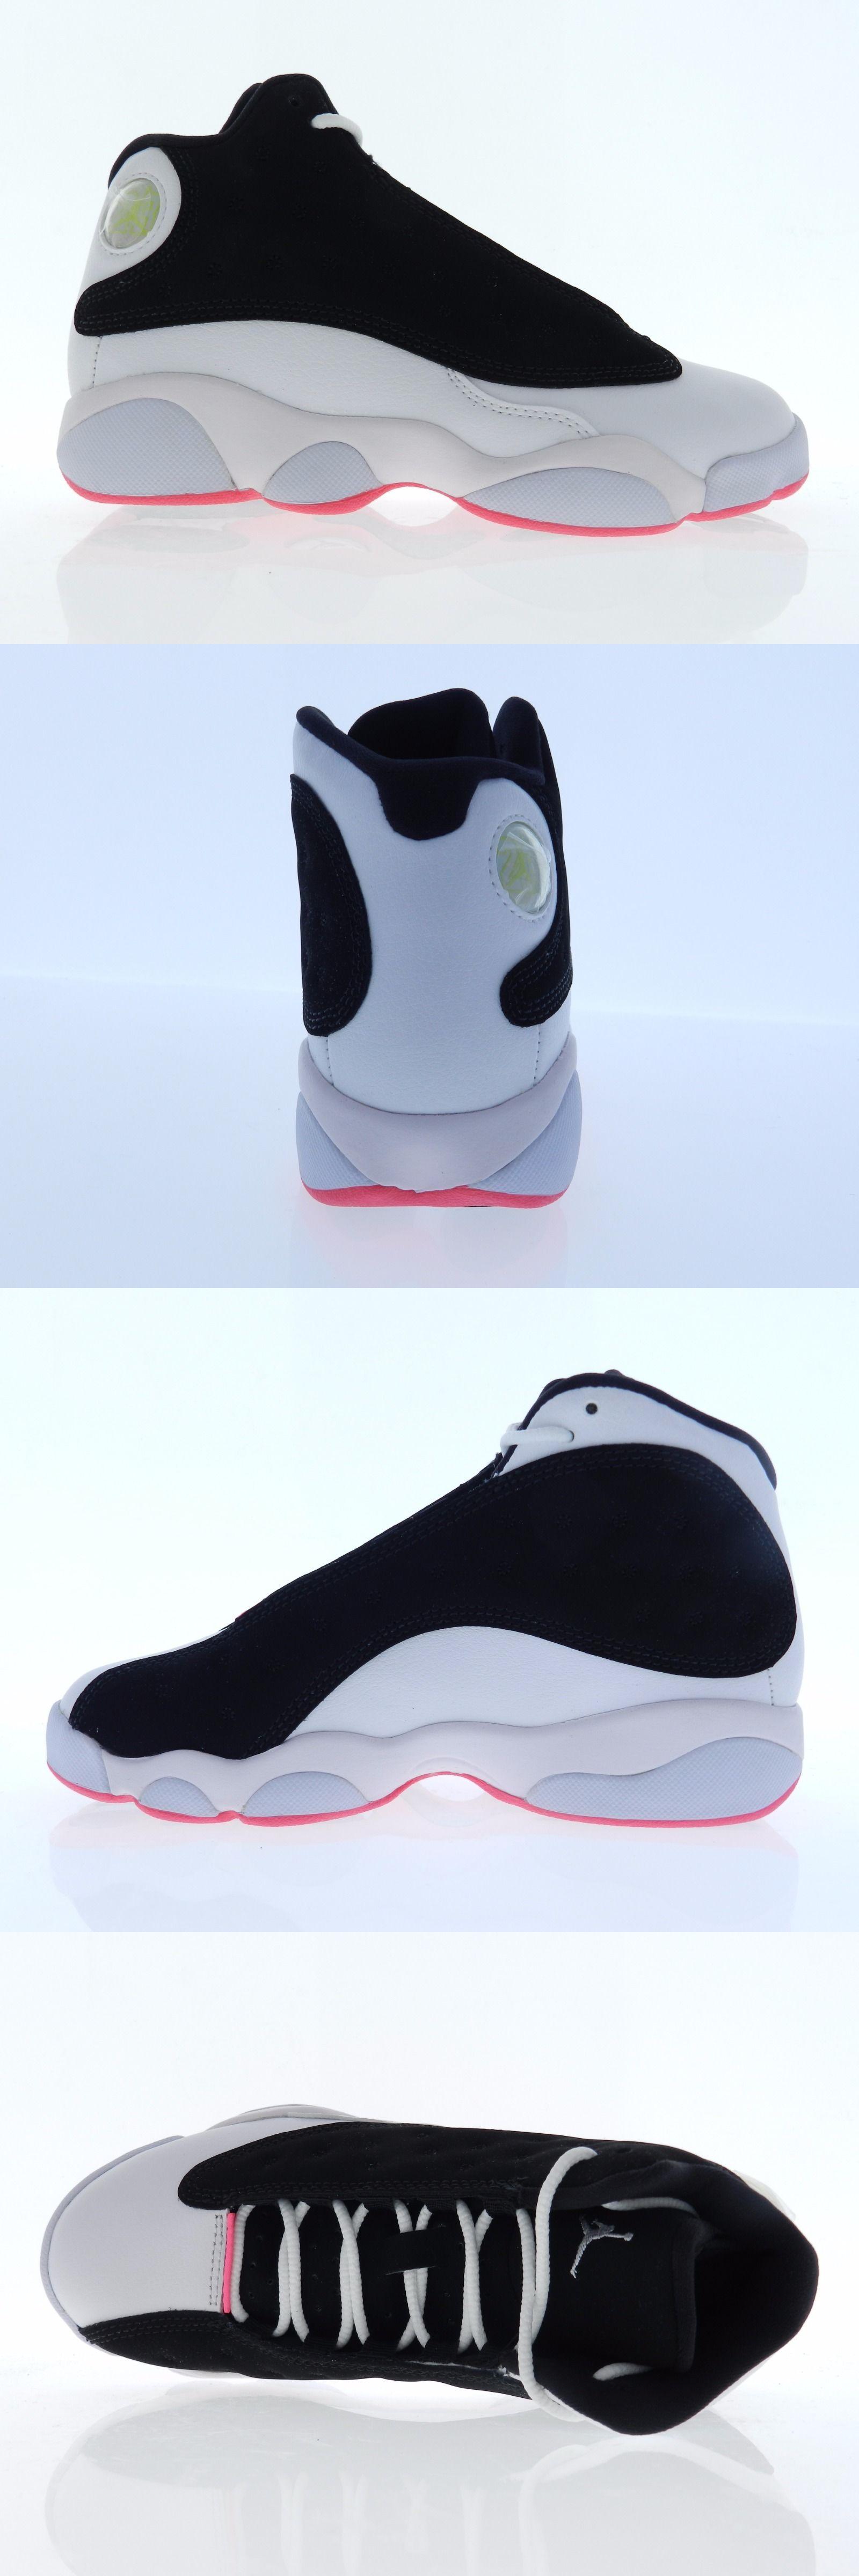 Air Jordan Taille 13 Acheter Ebay